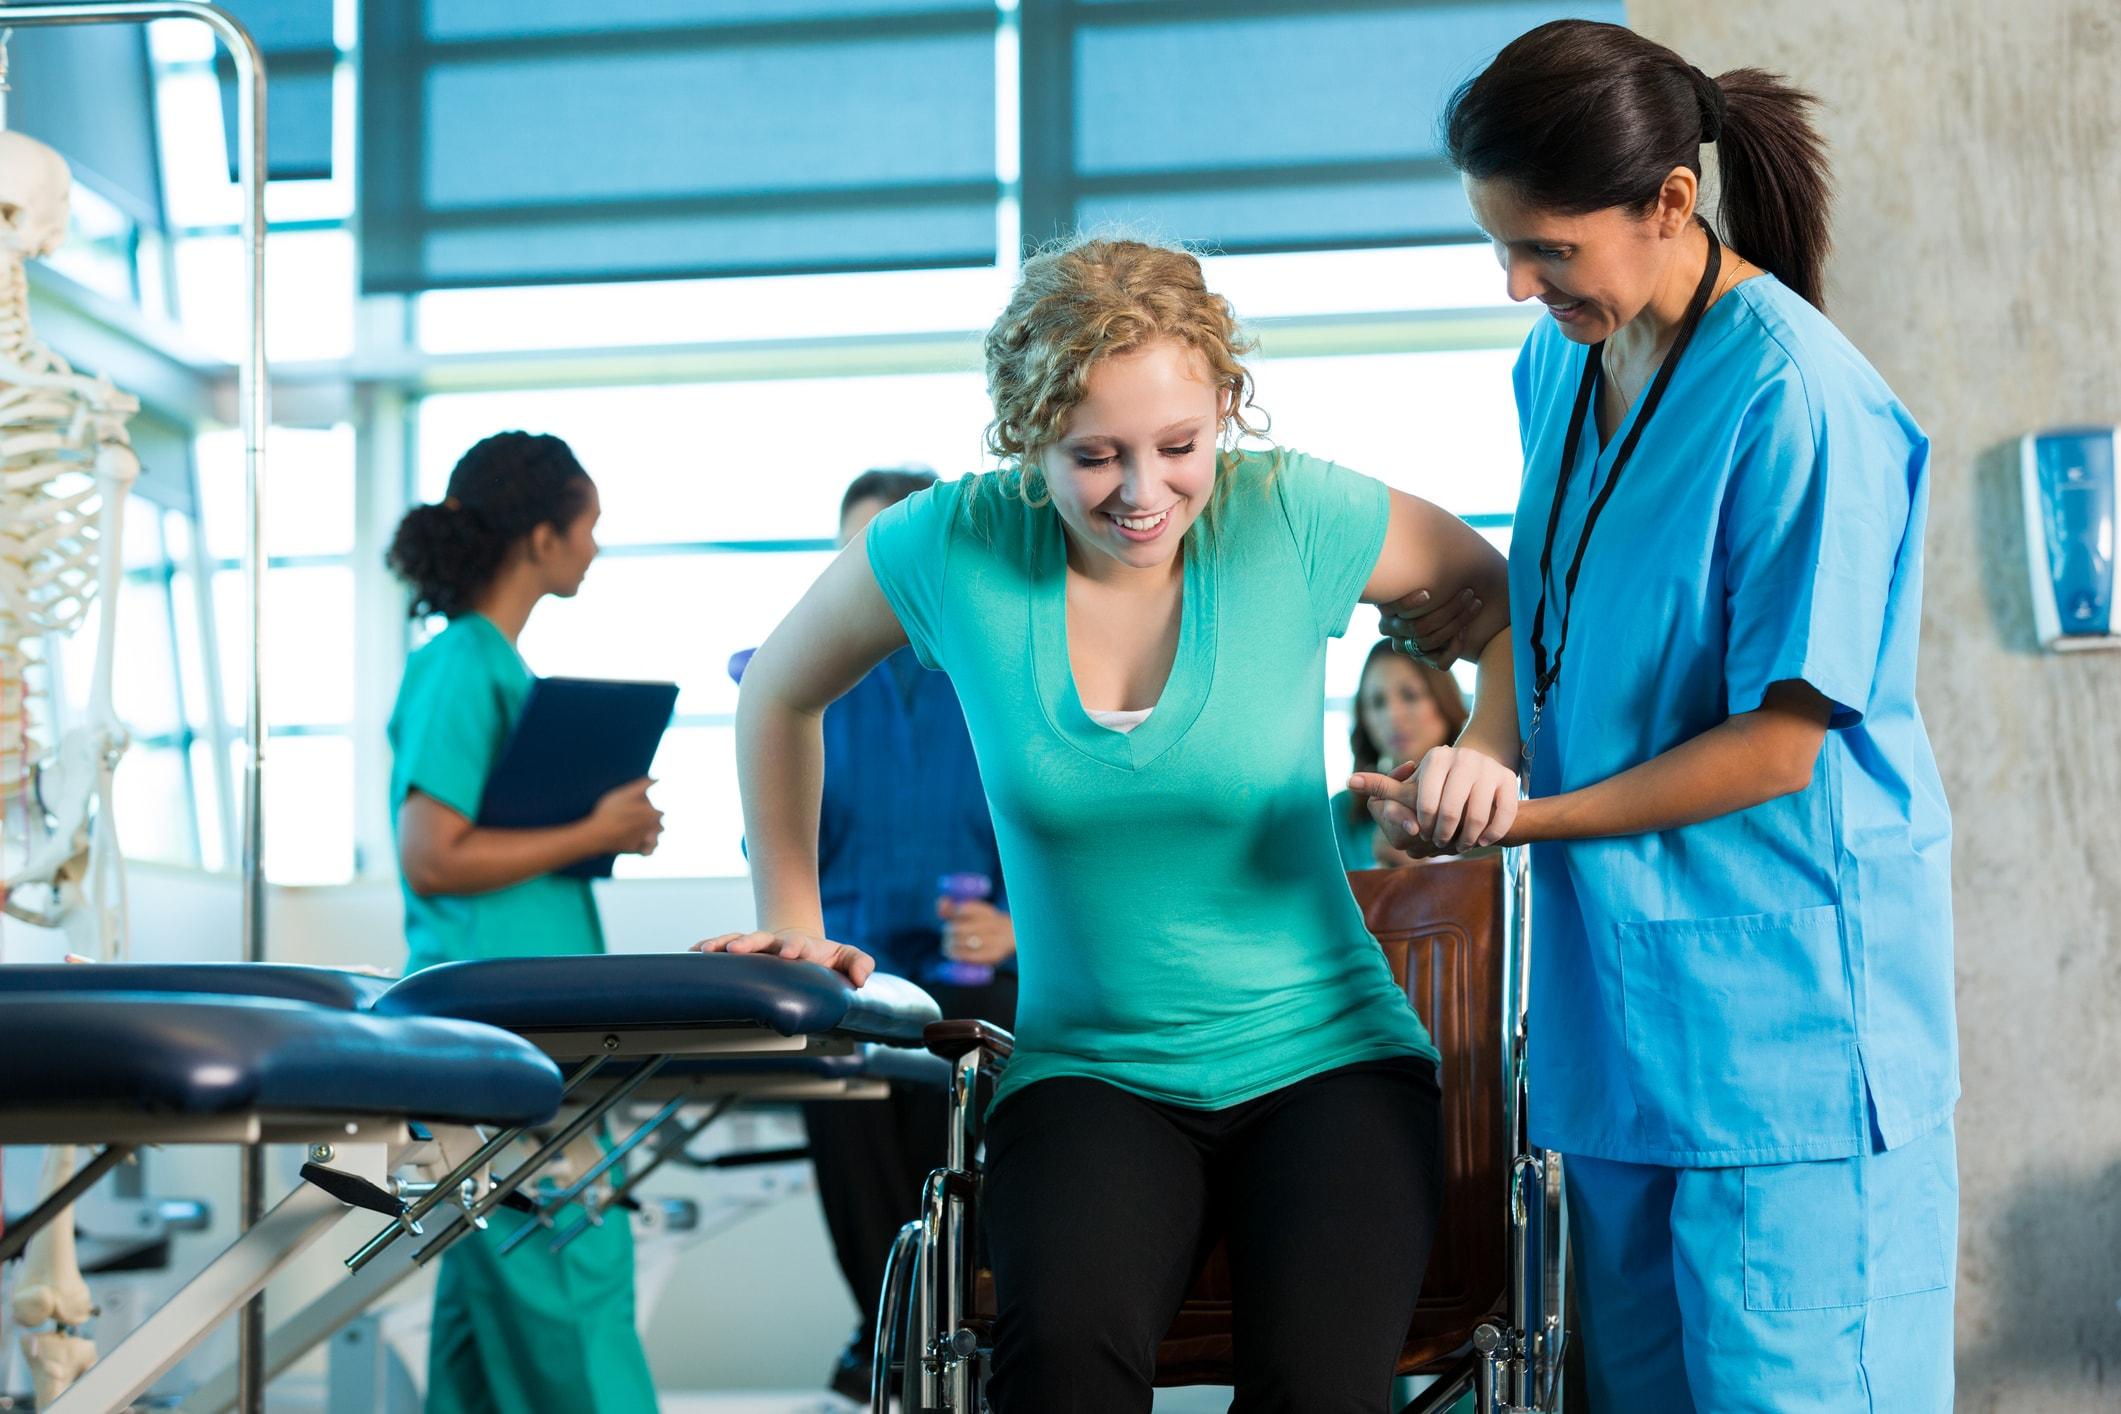 Entenda como otimizar o fluxo de pacientes na sua clínica de fisioterapia